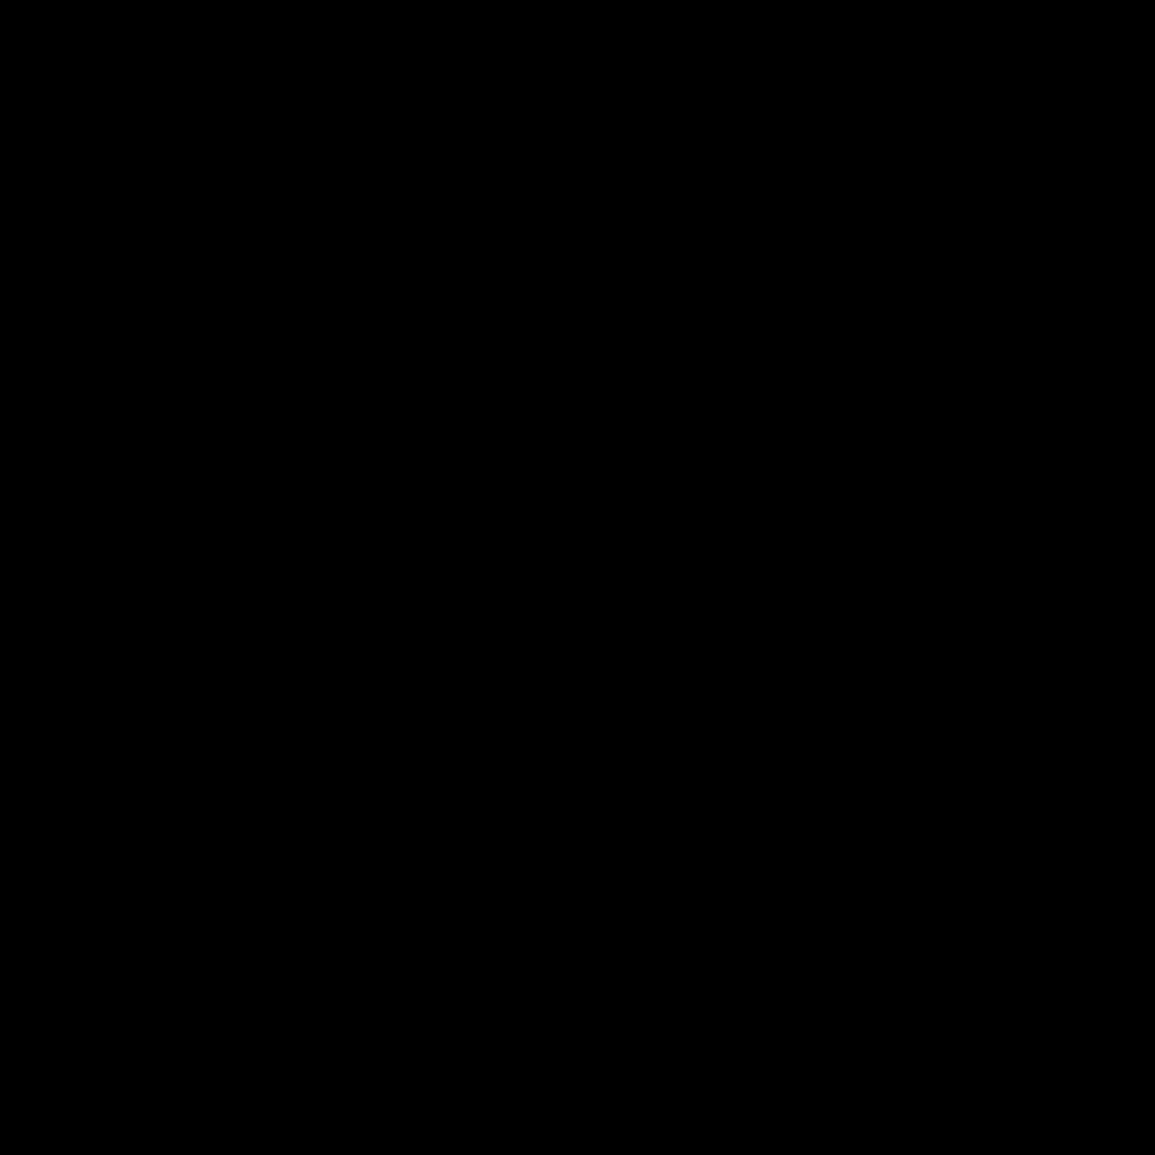 タイポス 66 TY66 字形見本